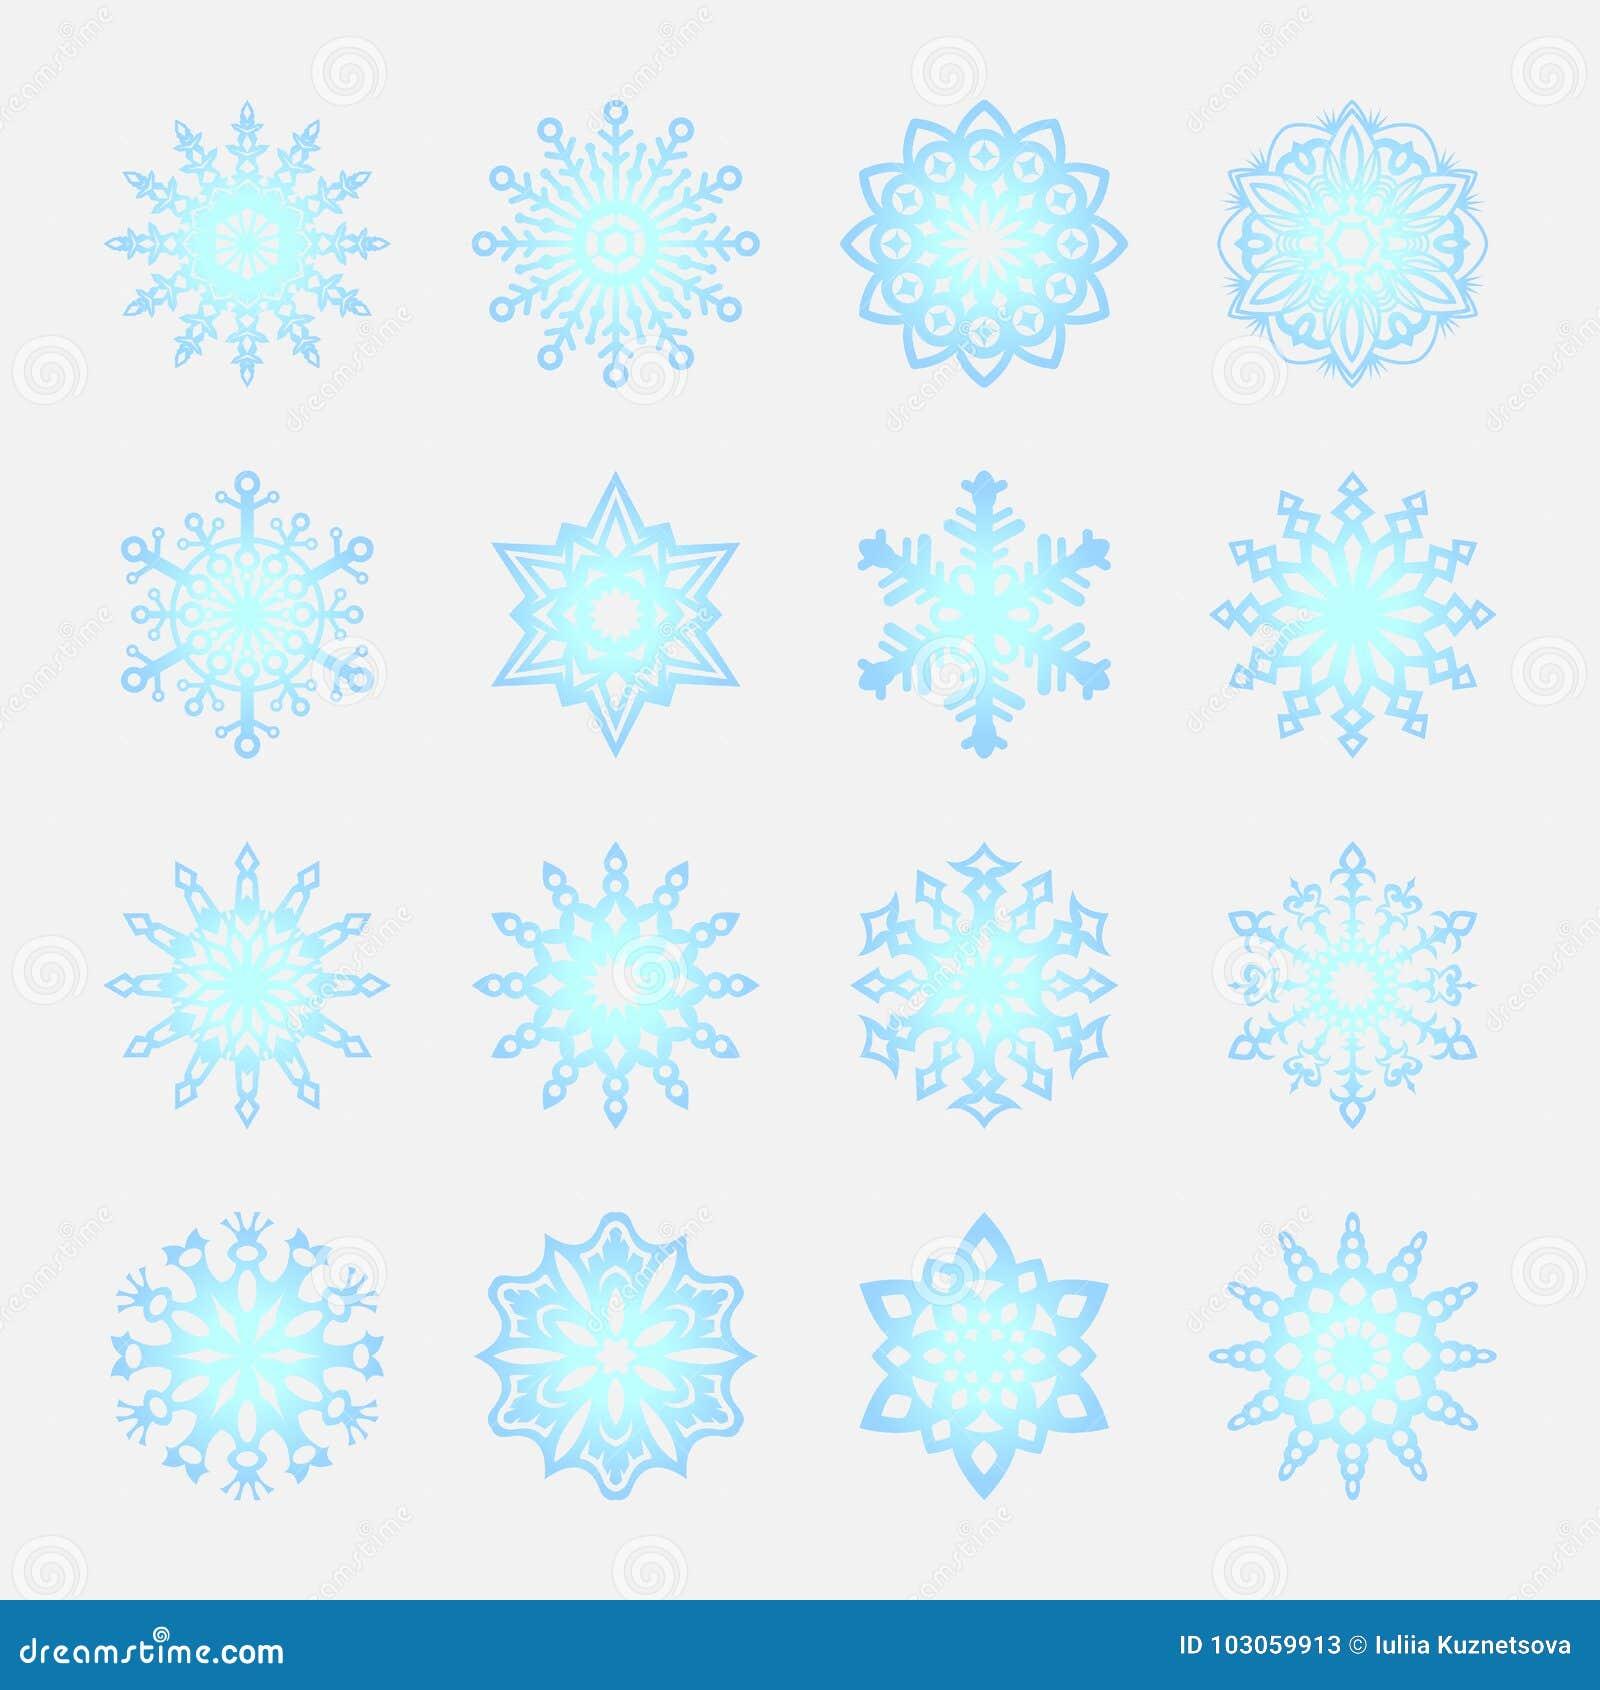 Clip Art Snow Crystal